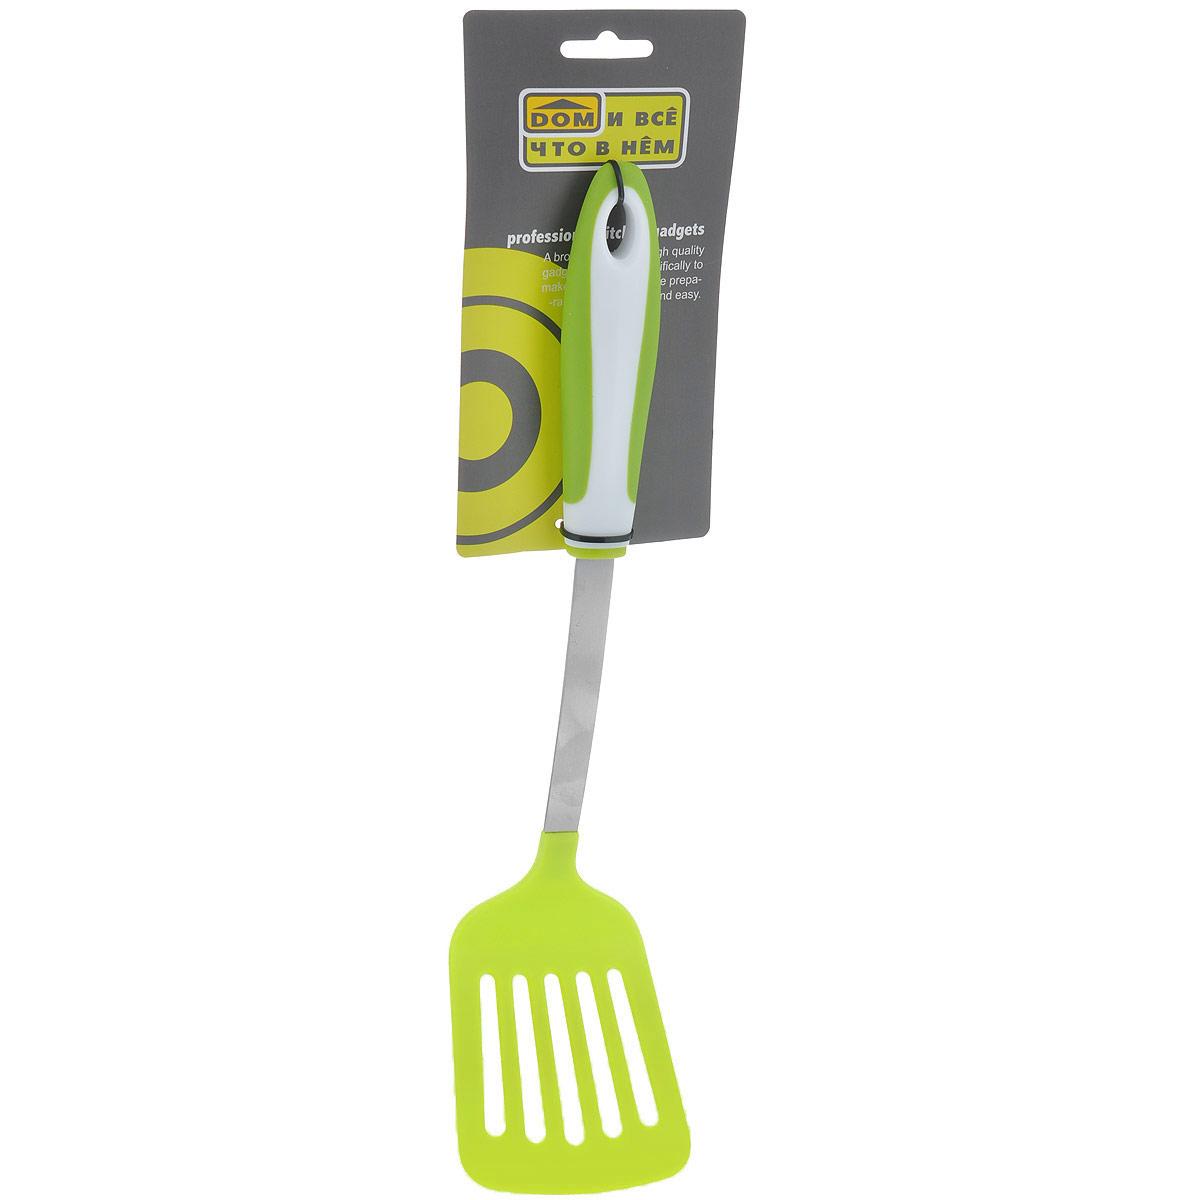 Лопатка кулинарная Green, с прорезями, цвет: зеленый, длина 34 см. 831-042831-042Яркая кулинарная лопатка Green с прорезями выполнена из высококачественного пластика. Эргономичная прорезиненная ручка не позволит ложке выскользнуть из вашей руки.Стильная лопатка займет достойное место среди аксессуаров на вашей кухне. Оригинальный дизайн и качество исполнения не оставят равнодушными ни тех, кто любит готовить, ни опытных профессионалов-поваров. Длина лопатки: 34 см.Размер рабочей поверхности: 8 см х 9,5 см.